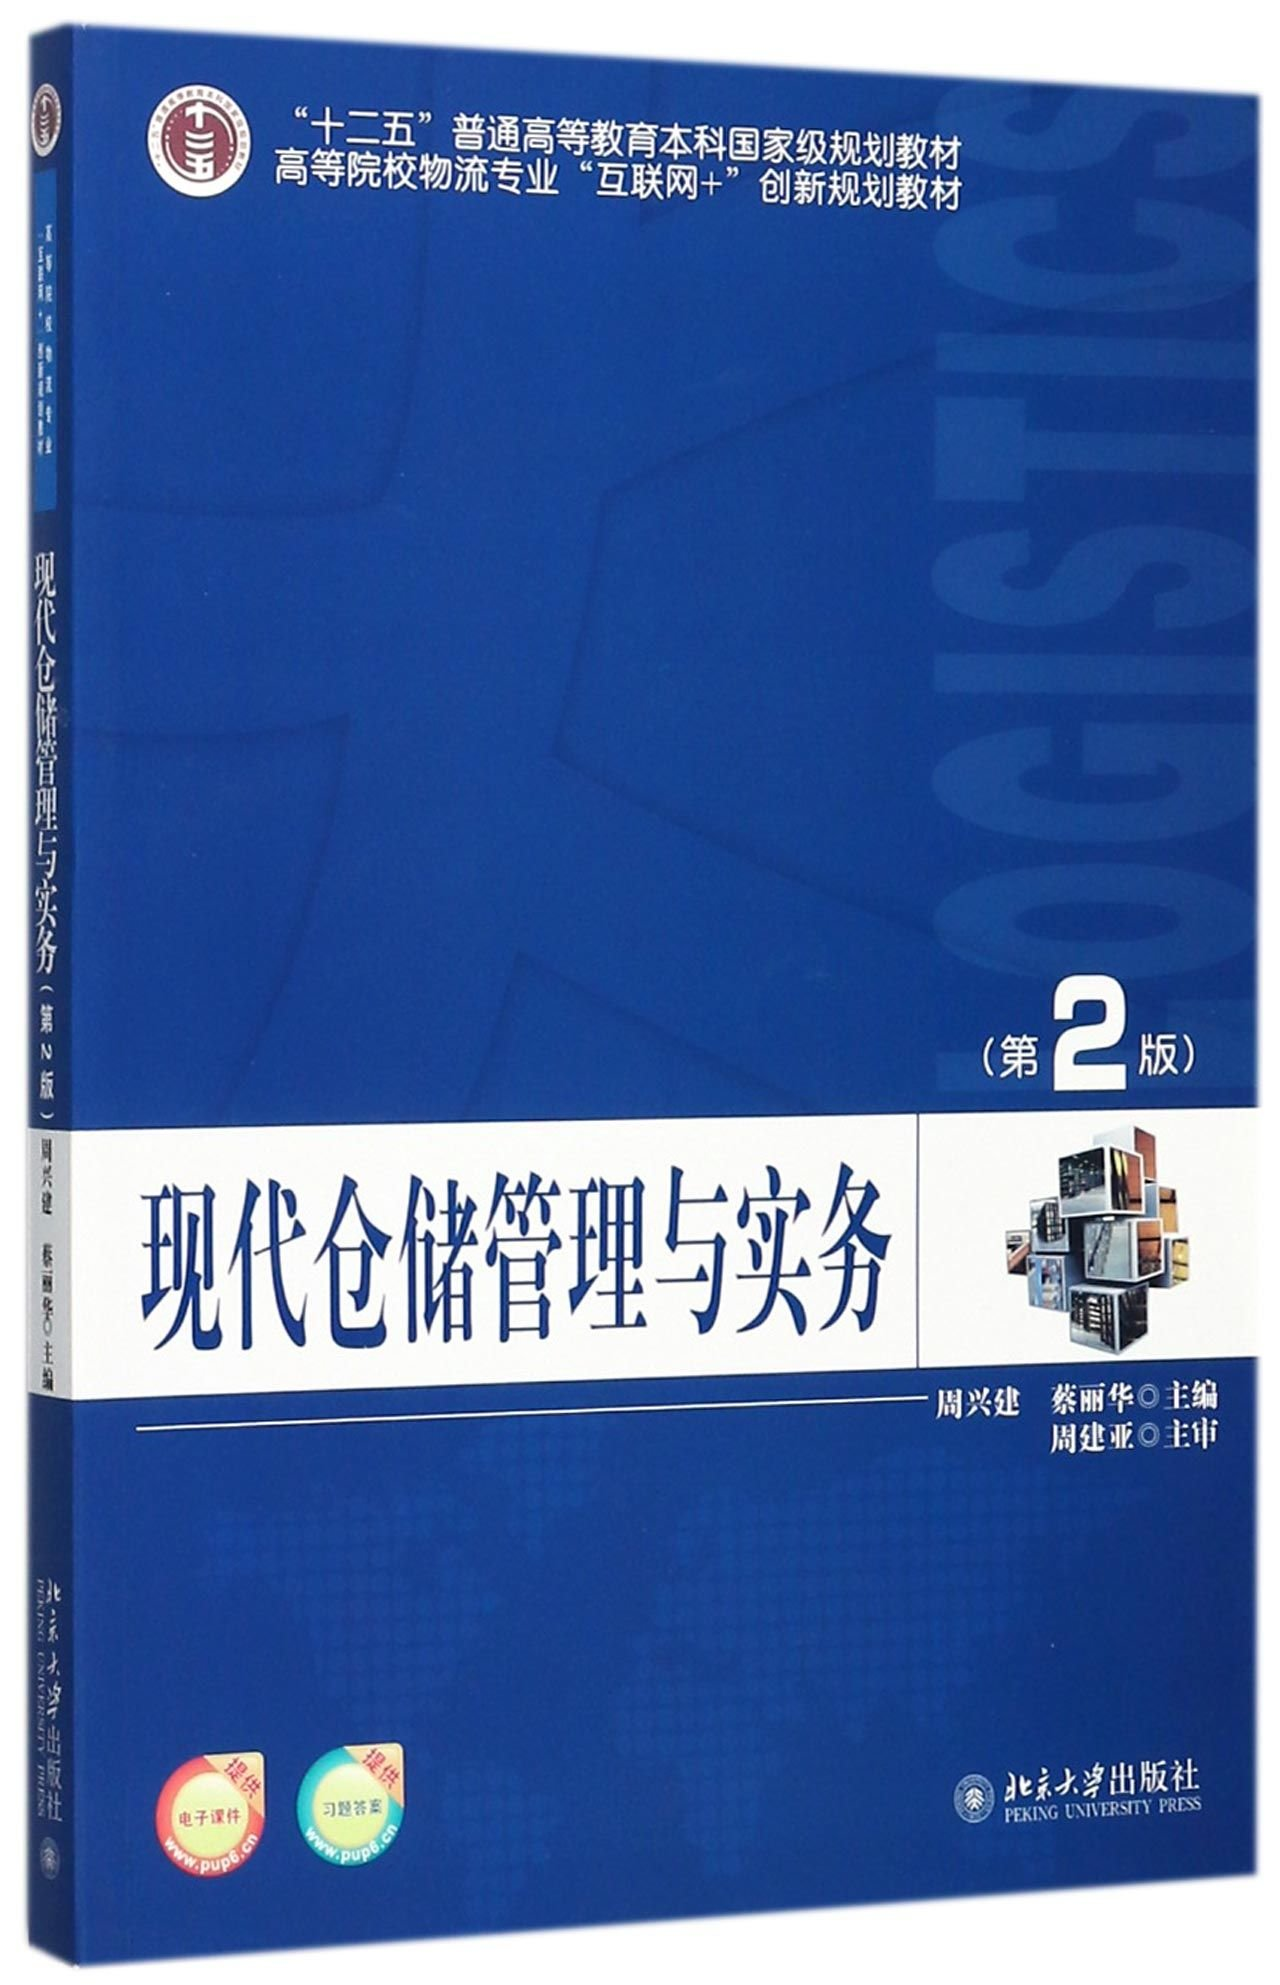 Download 现代仓储管理与实务(第2版高等院校物流专业互联网+创新规划教材) ebook